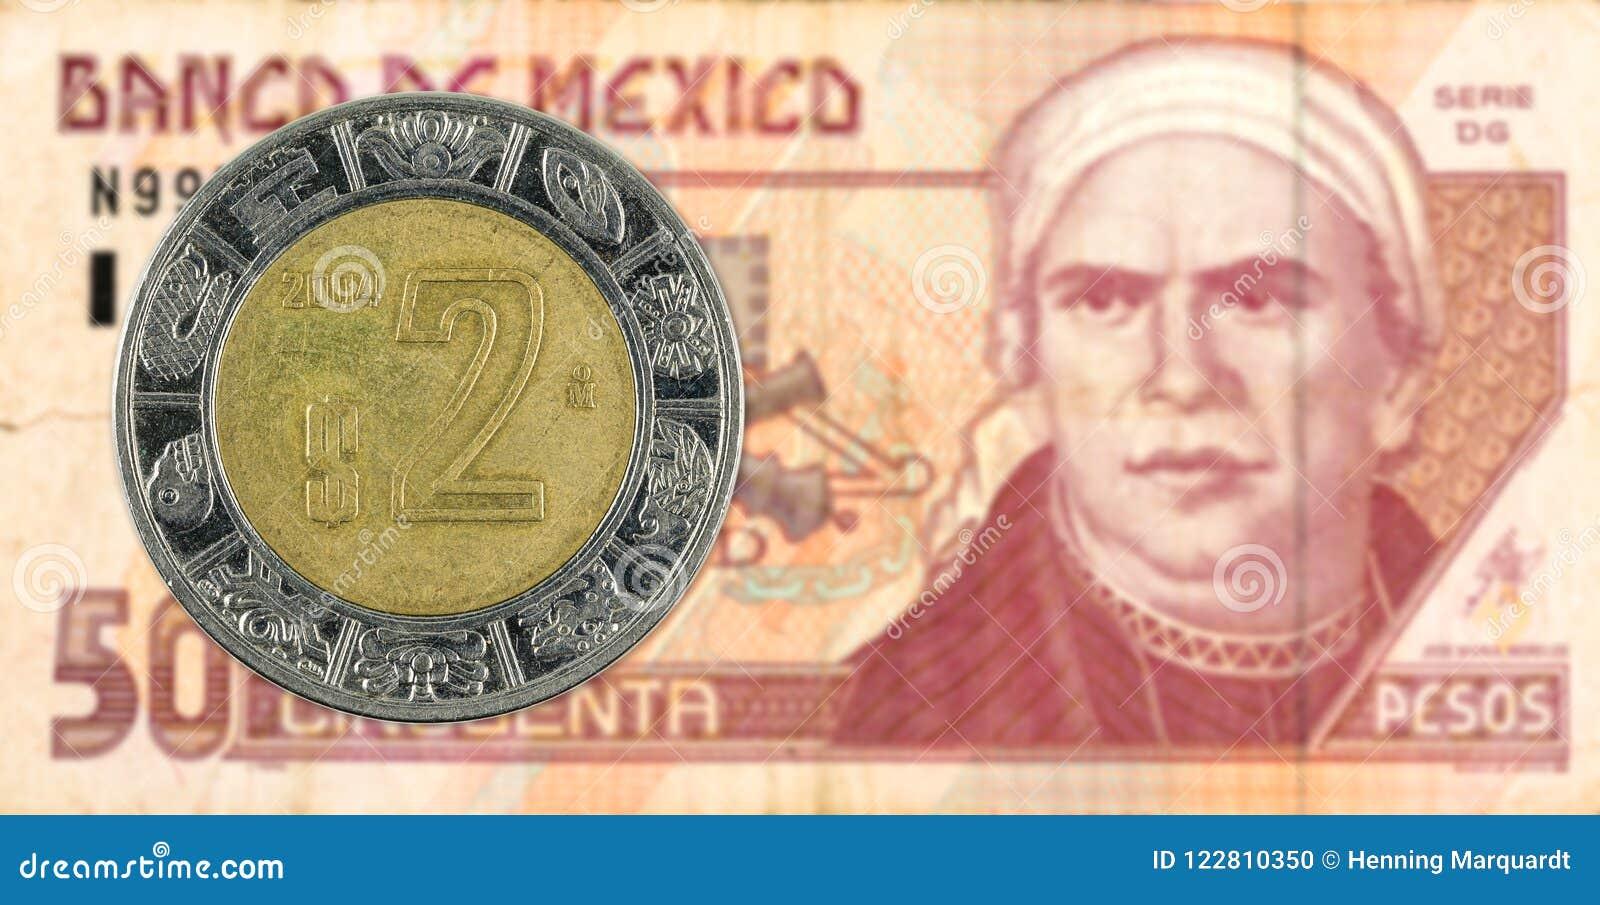 Moeda mexigan do peso 2 contra a cédula do peso 50 mexicano